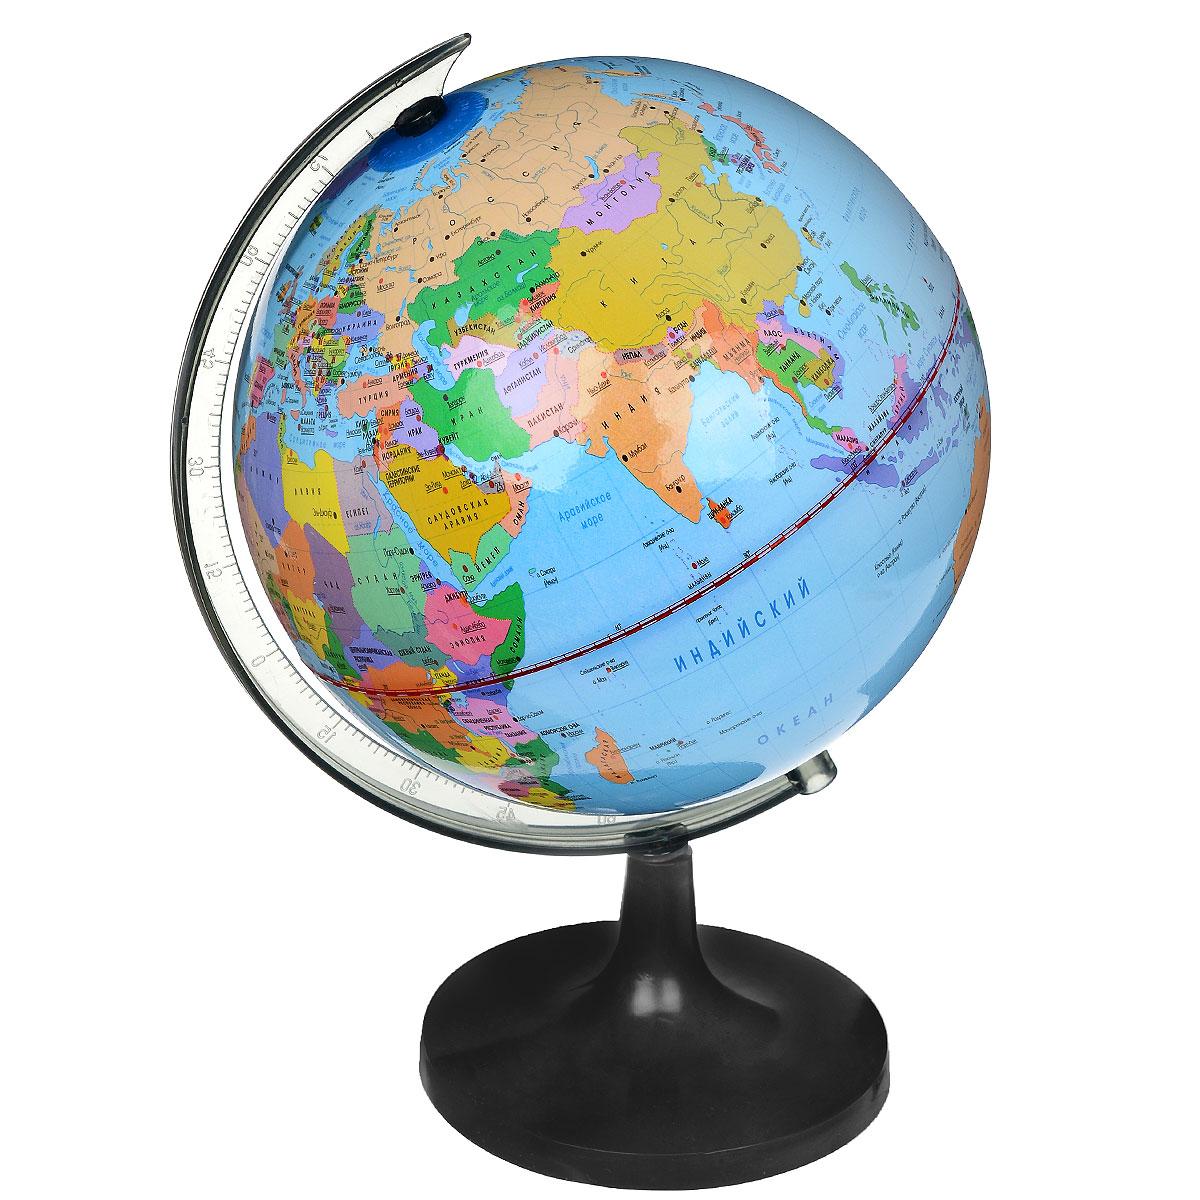 Глобус политический Rotondo, диаметр 20 смRG20/POL*Политический глобус Rotondo, изготовленный из высококачественного прочного пластика, показывает страны мира, сухопутные и морские границы того или иного государства, расположение городов и населенных пунктов. Изделие расположено на подставке. На нем отображены картографические линии: параллели и меридианы, а также градусы и условные обозначения. Глобус с политической картой мира станет незаменимым атрибутом обучения не только школьника, но и студента. Названия стран на глобусе приведены на русской язык.Настольный глобус Rotondo станет оригинальным украшением рабочего стола или вашего кабинета. Это изысканная вещь для стильного интерьера, которая станет прекрасным подарком для современного преуспевающего человека, следующего последним тенденциям моды и стремящегося к элегантности и комфорту в каждой детали.Высота глобуса с подставкой: 31 см.Диаметр глобуса: 20 см.Масштаб: 1:63 000 000.